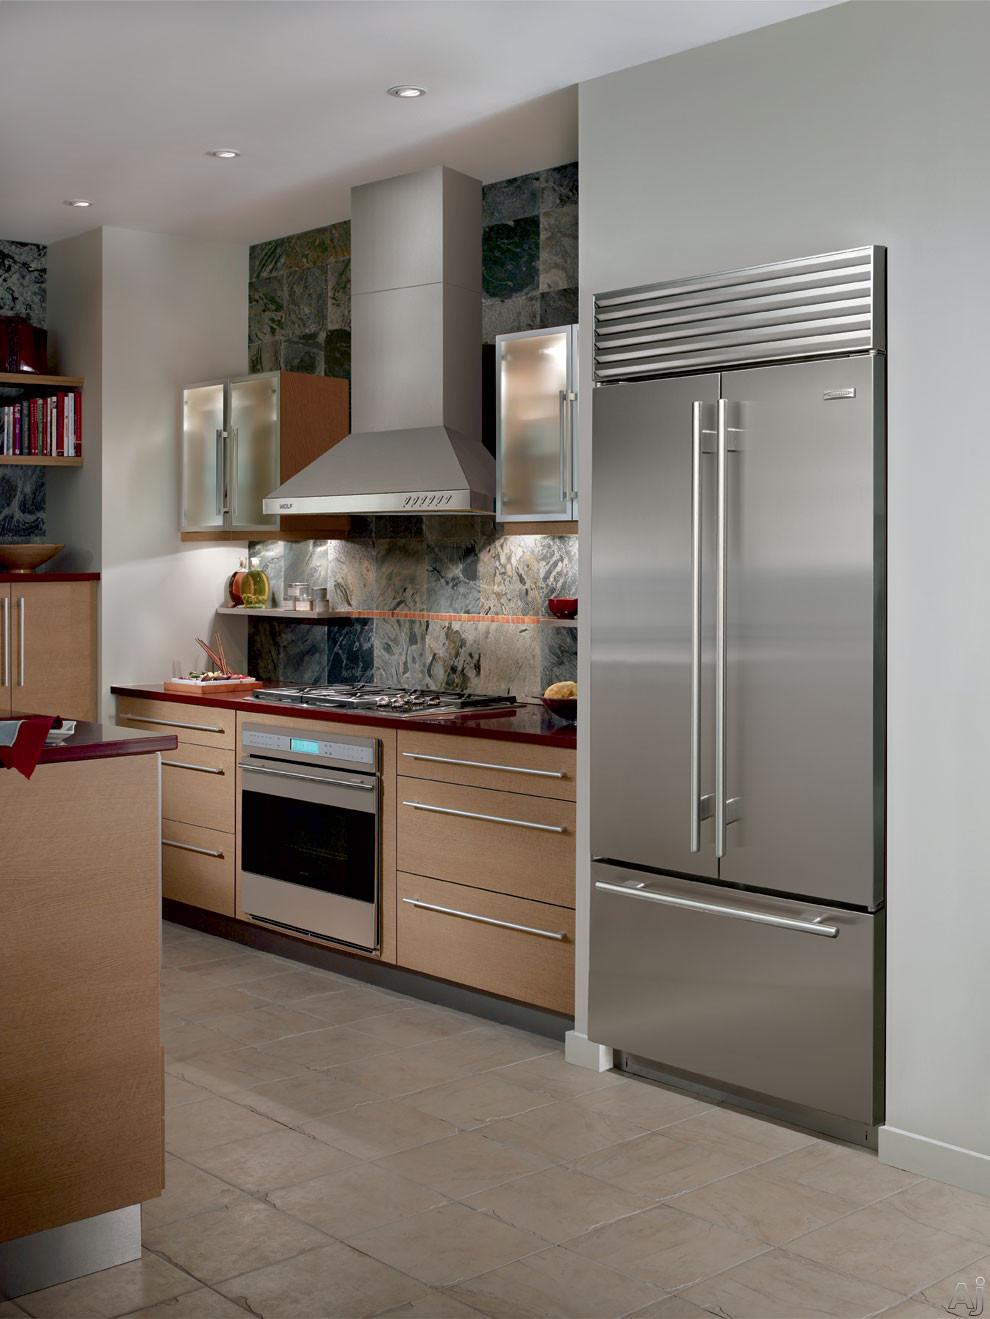 Sub Zero Bi36ufdsth 36 Built In French Door Refrigerator